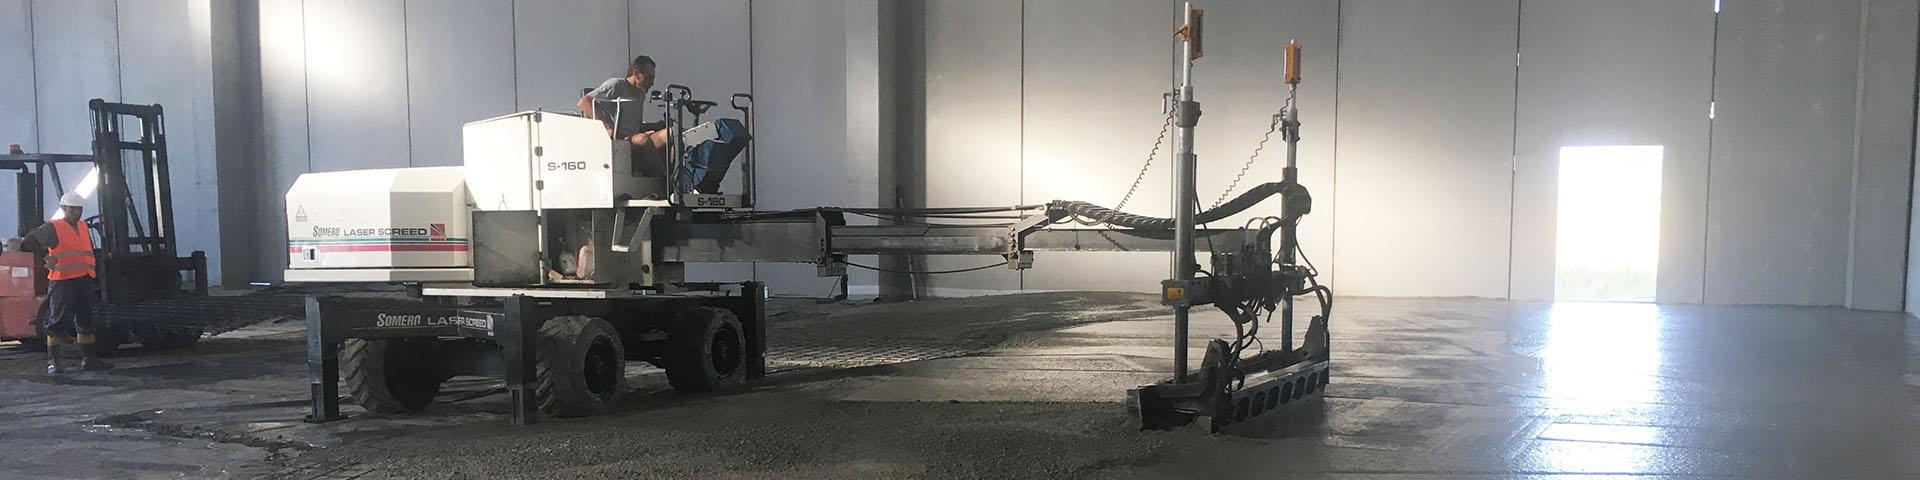 testata_pavimentazioni_laser